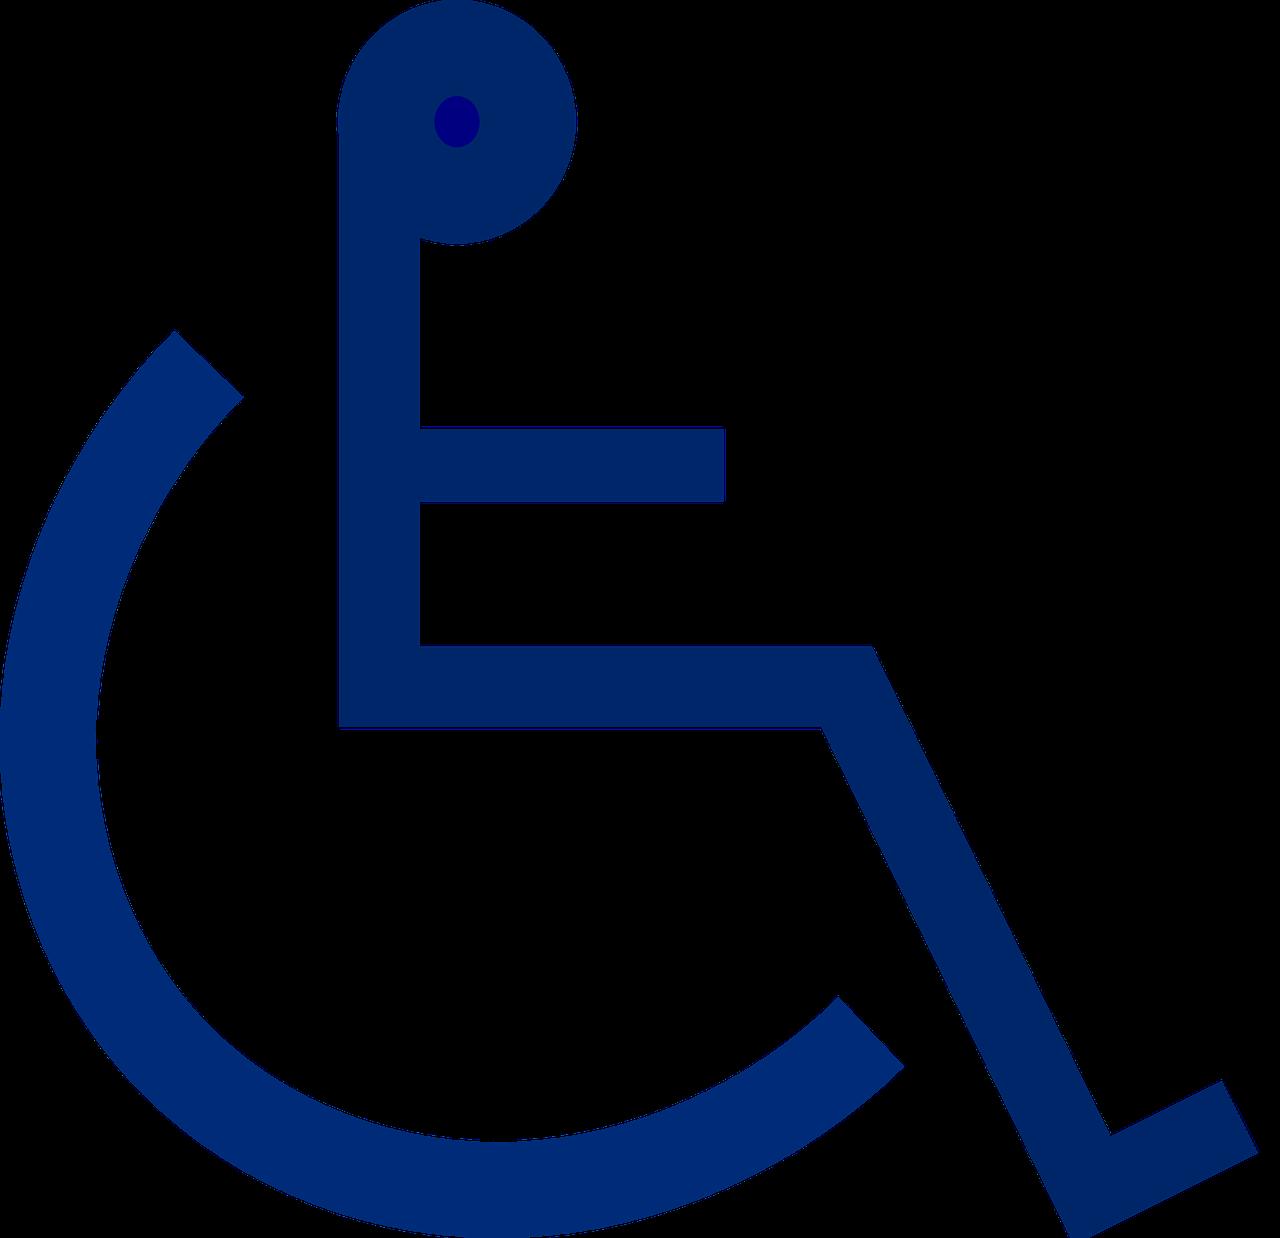 Met Anita van Beperking naar Versterking beoordelingen instelling gehandicaptenzorg verstandelijk gehandicapten